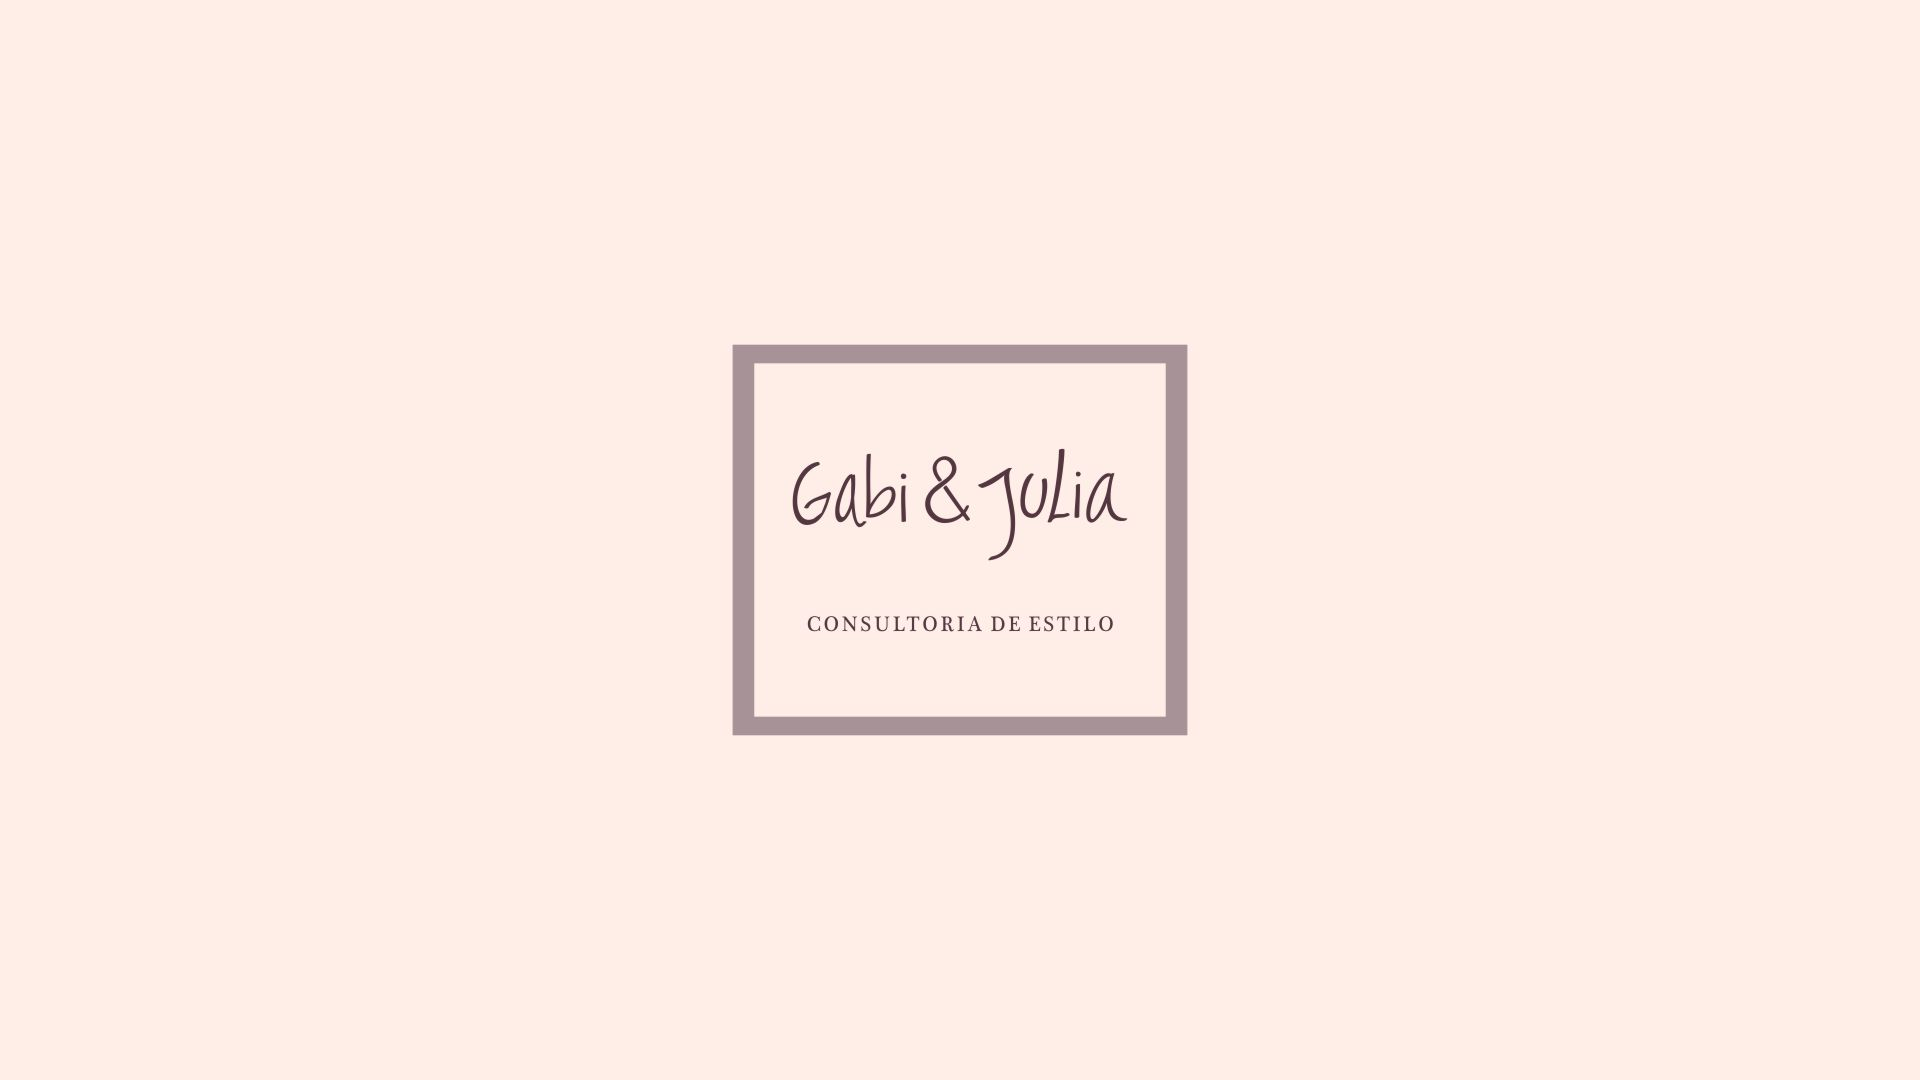 Gabi e Júlia